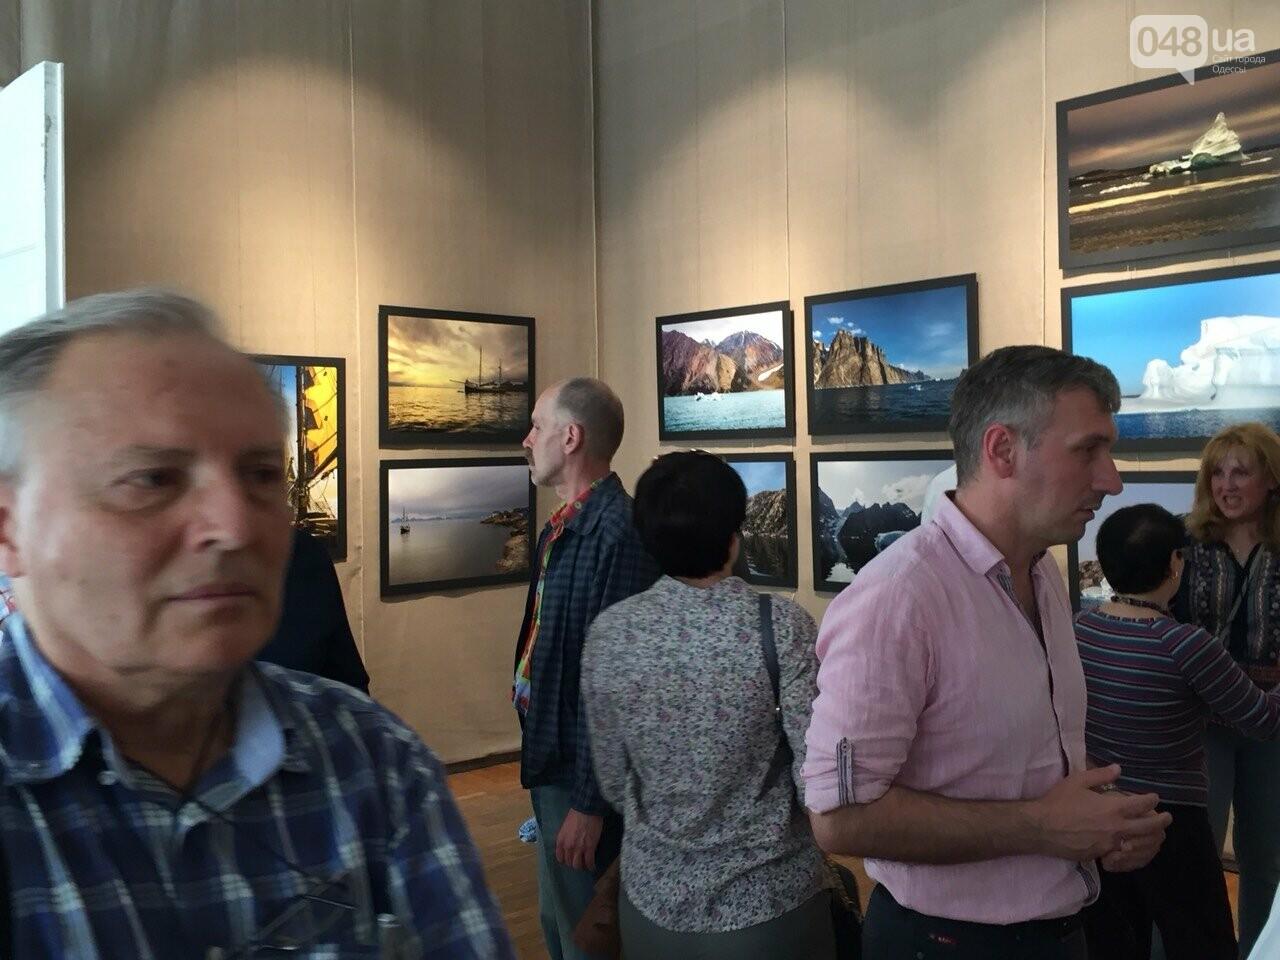 Арктическая сага: На фотовыставке в Одессе можно помочь детям, - ФОТО, ВИДЕО, фото-21